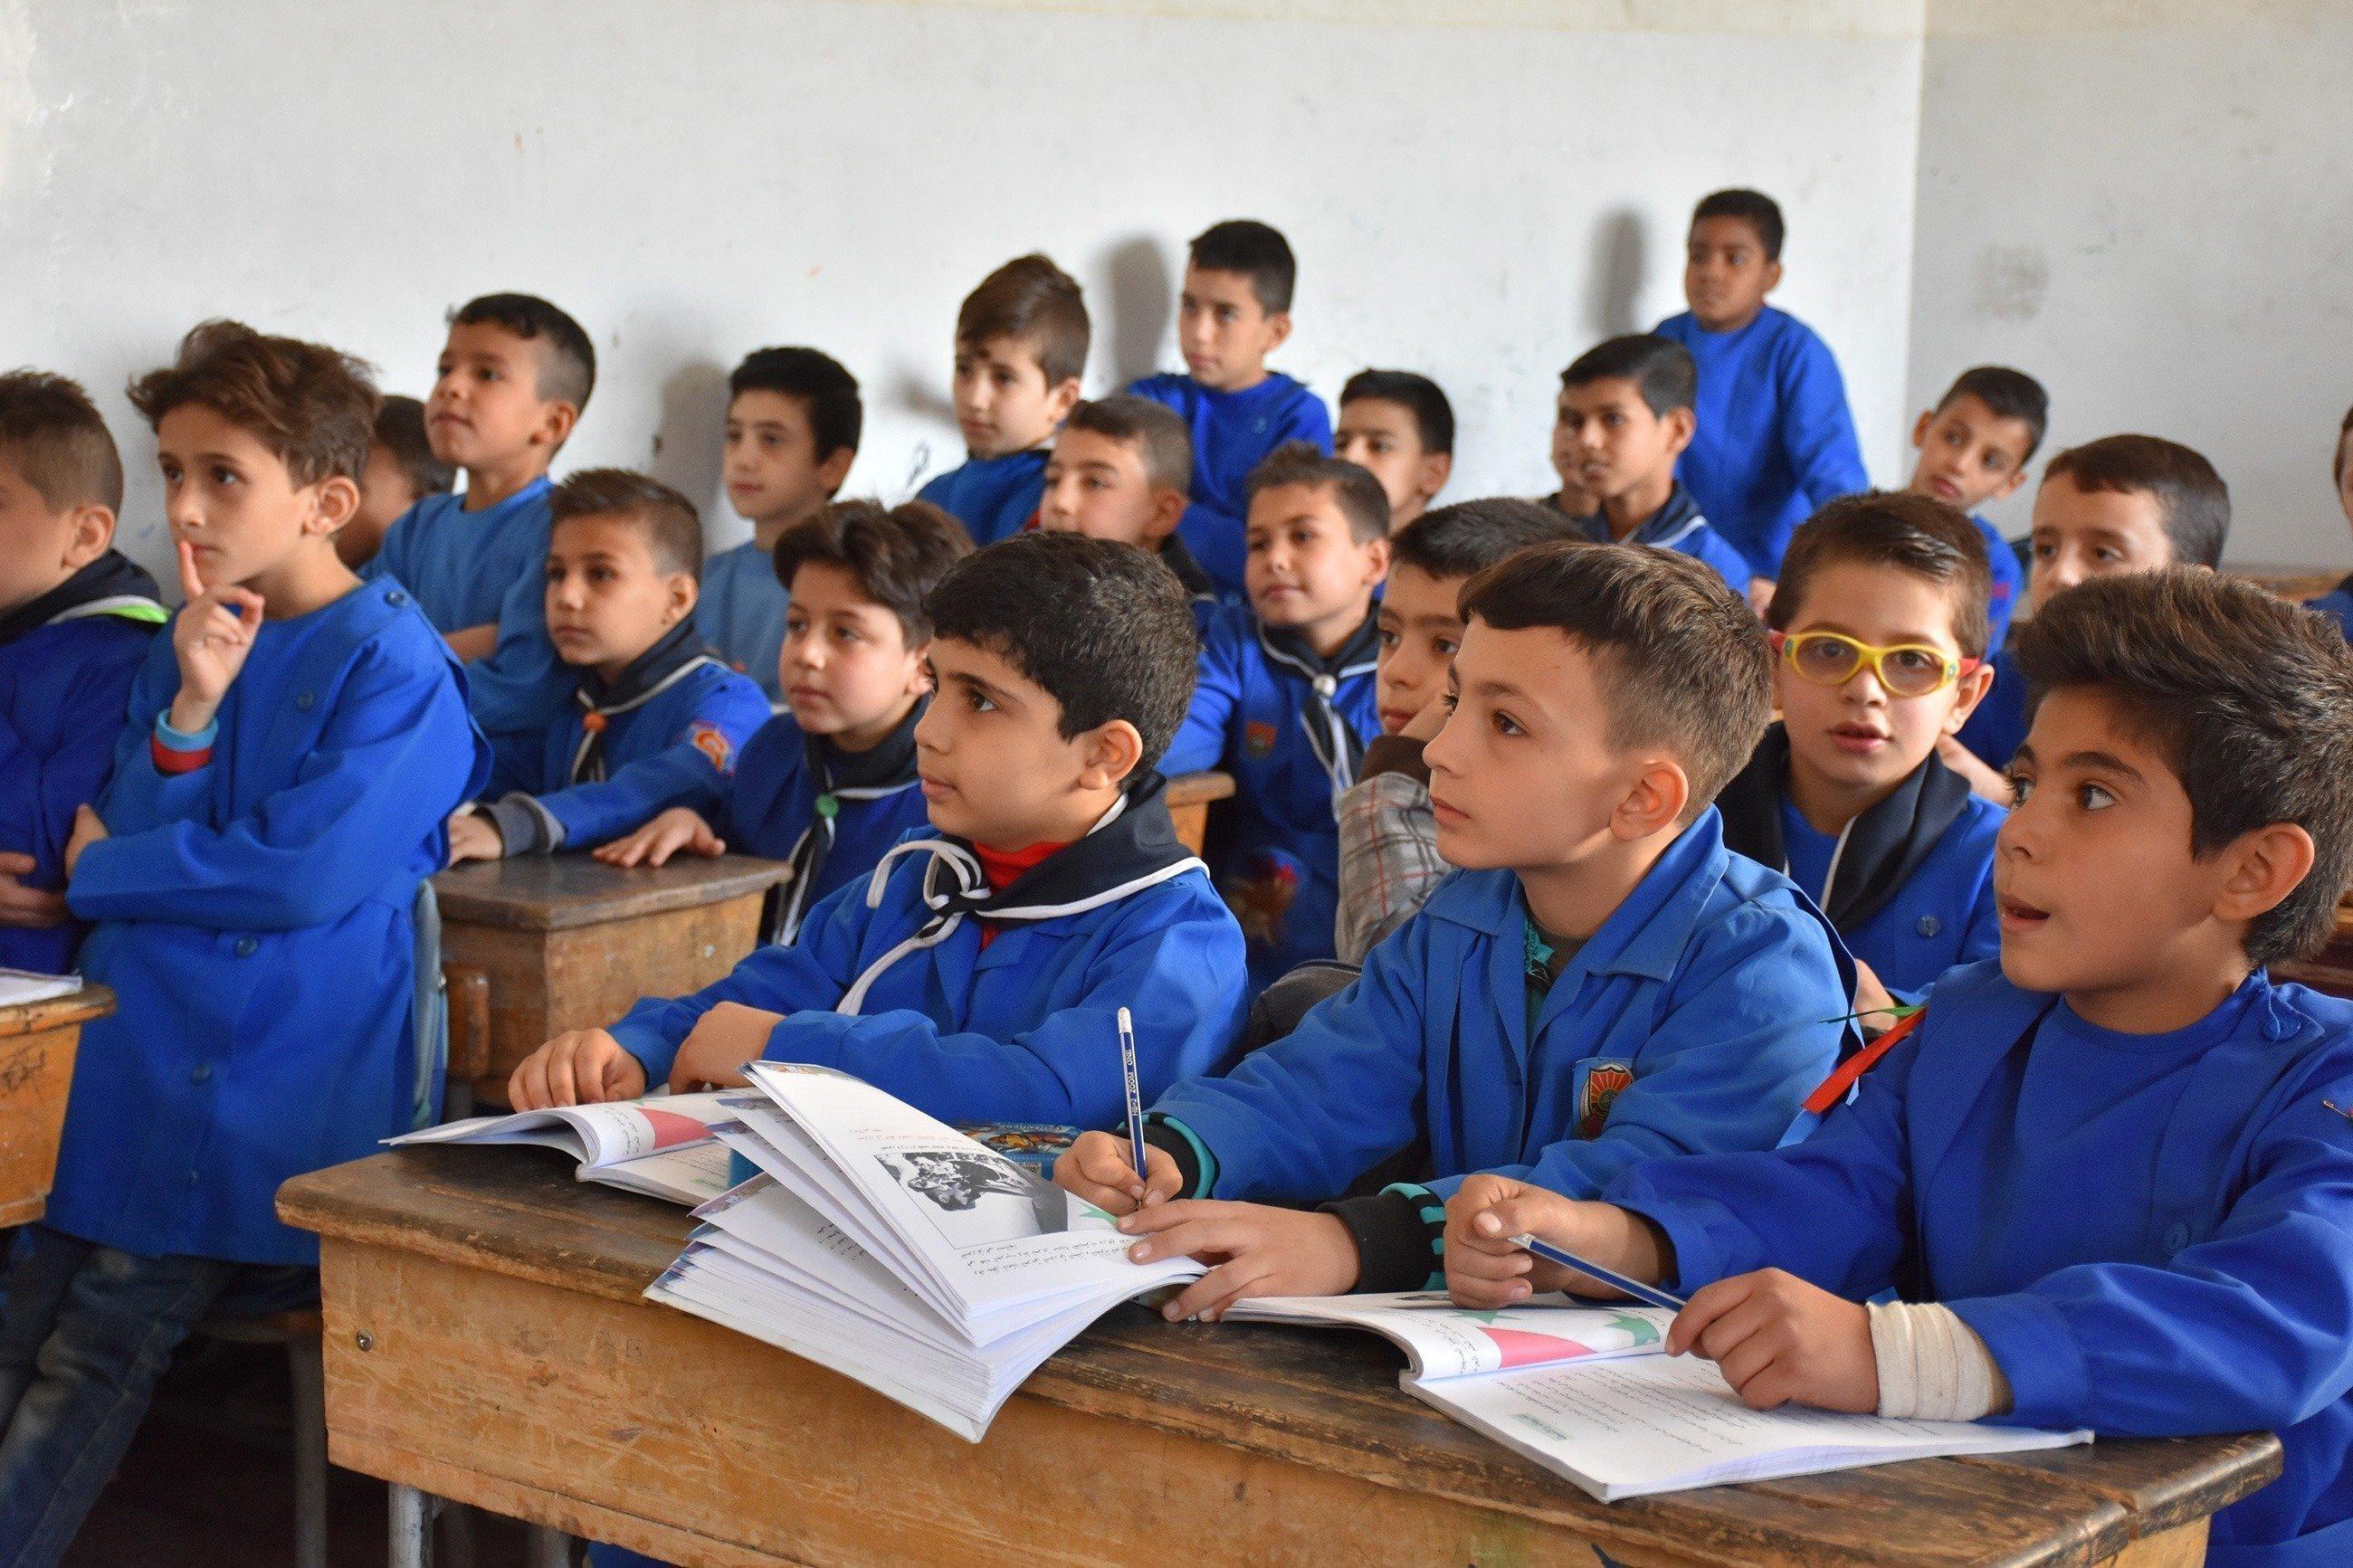 Un groupe de garçons écoute attentivement un cours.